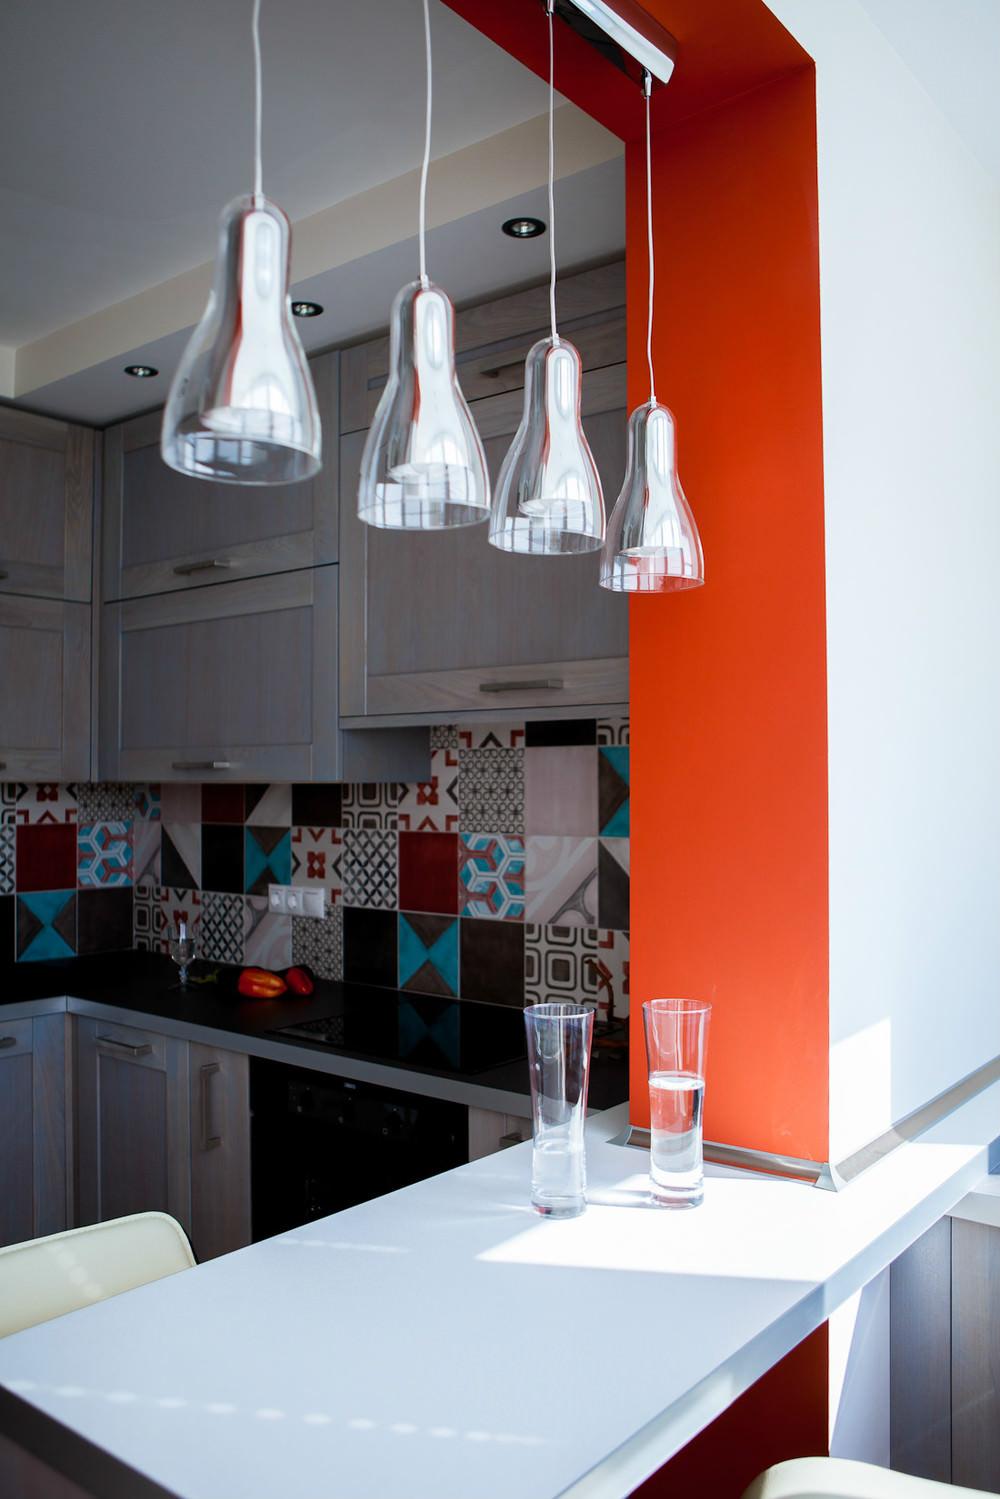 Дизайн кухни объединенный с балконом